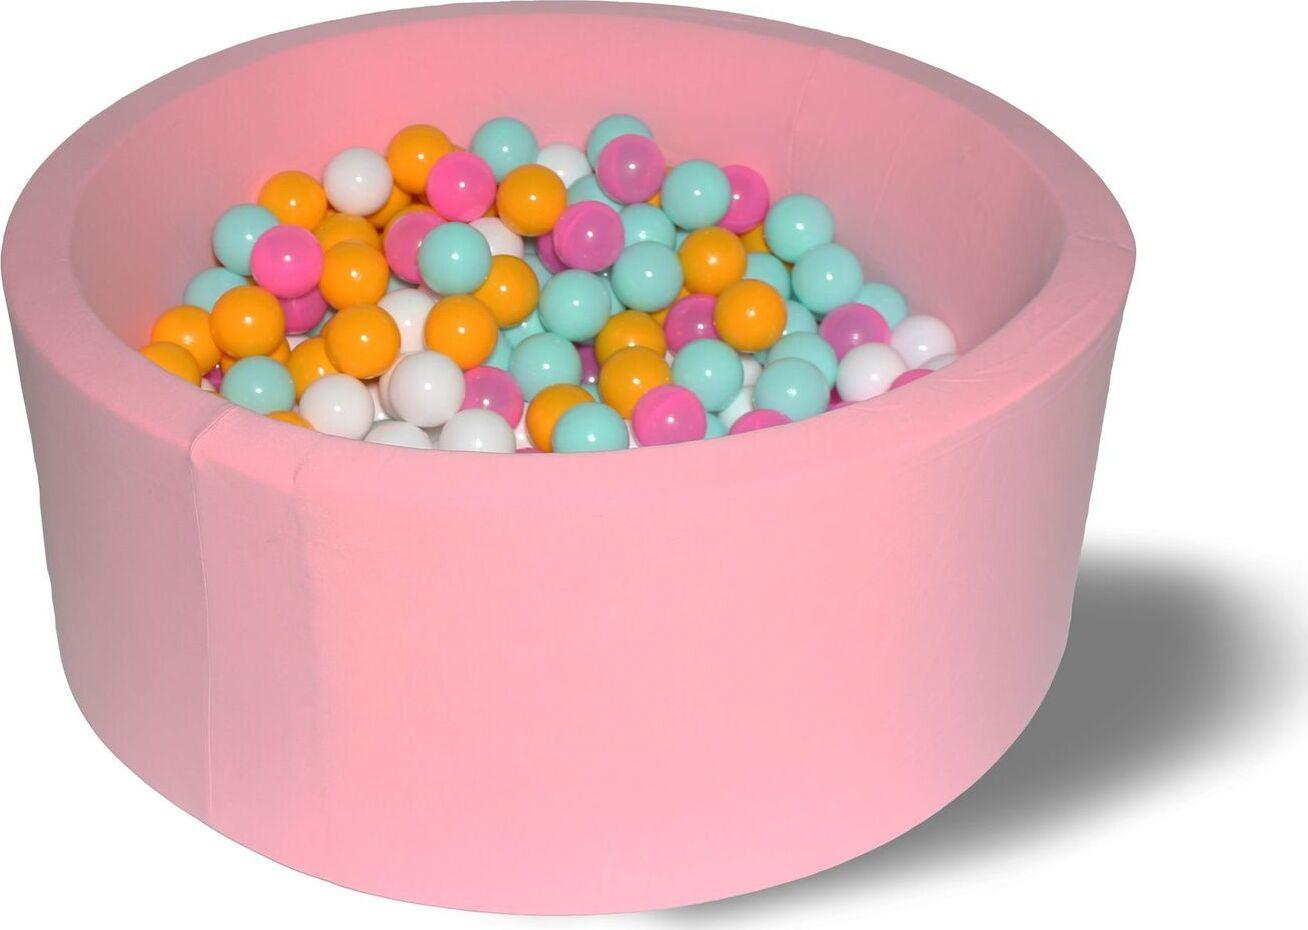 Сухой бассейн Розовый цветок Лайт серия выс. h33см с 200 шариками: розовый, белый, желтый, мятный